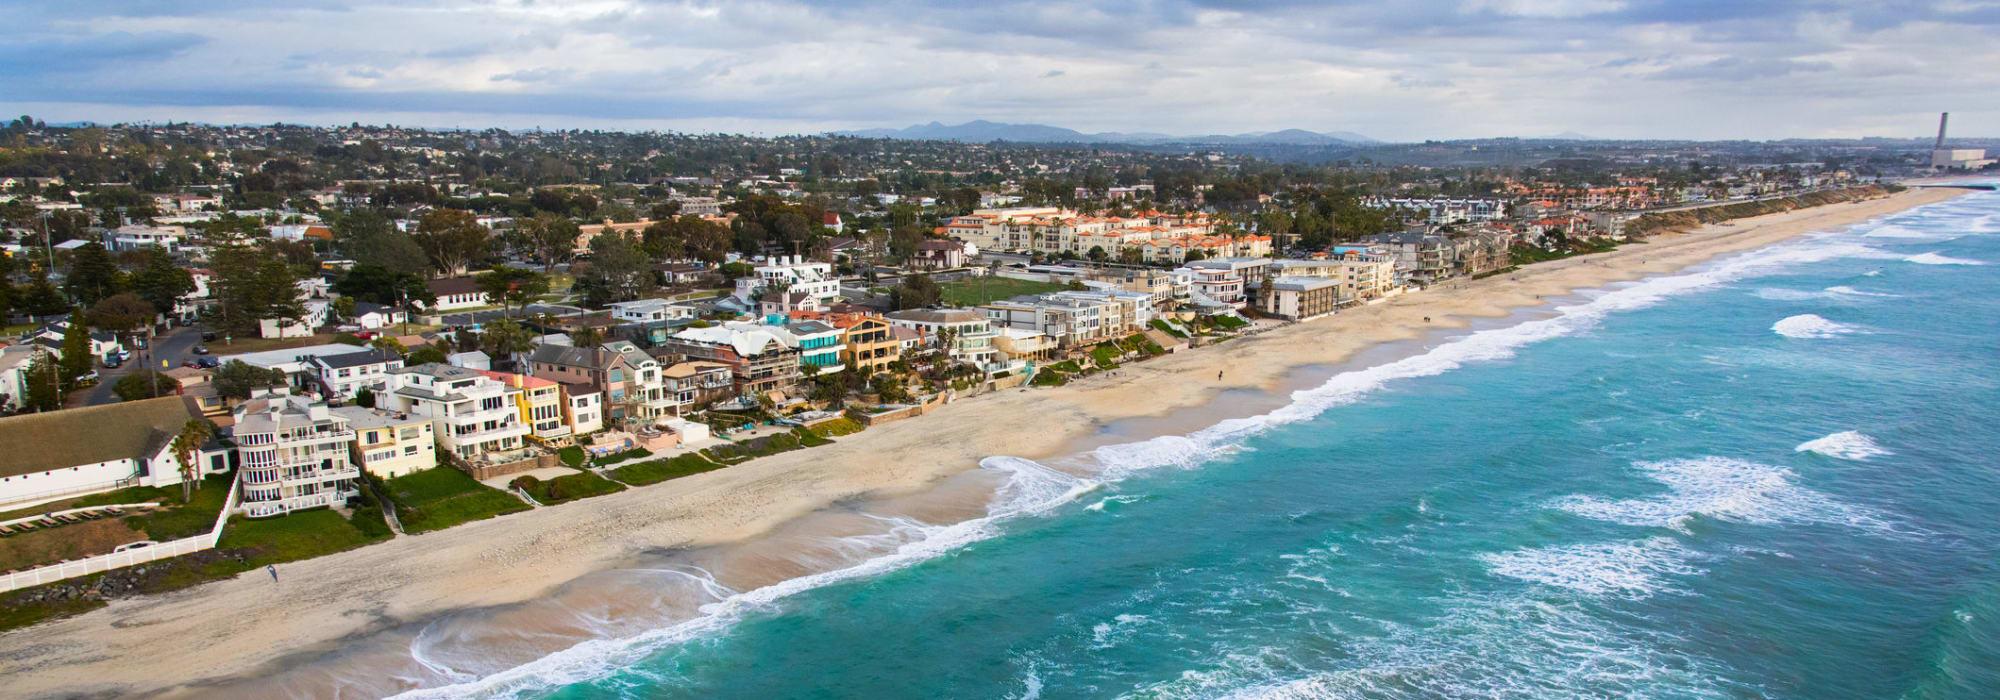 A beach near Mira Mesa Self Storage in San Diego, California